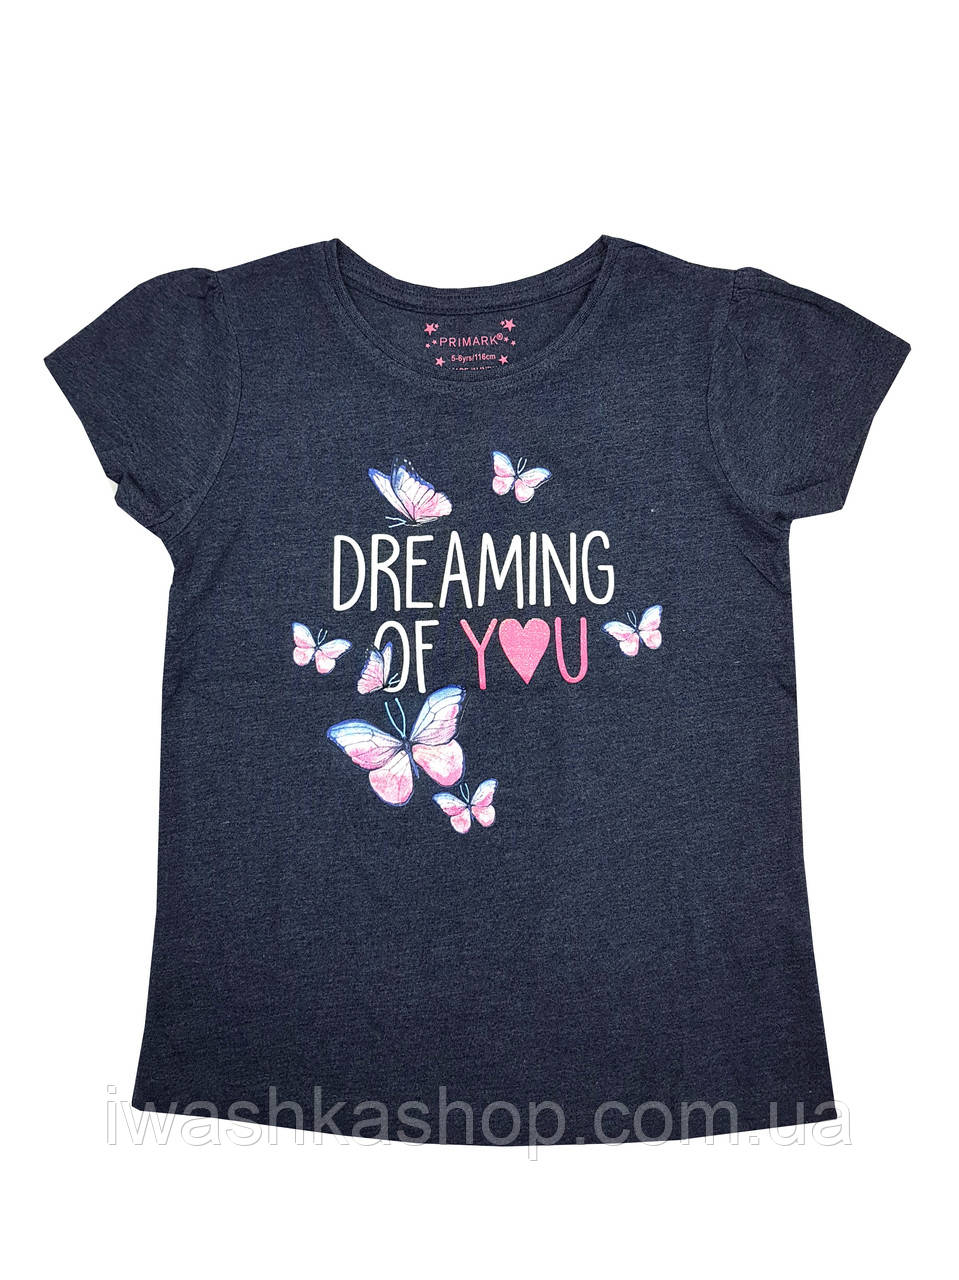 Темно-синя футболка з метеликами для дівчинки, Primark р. 104